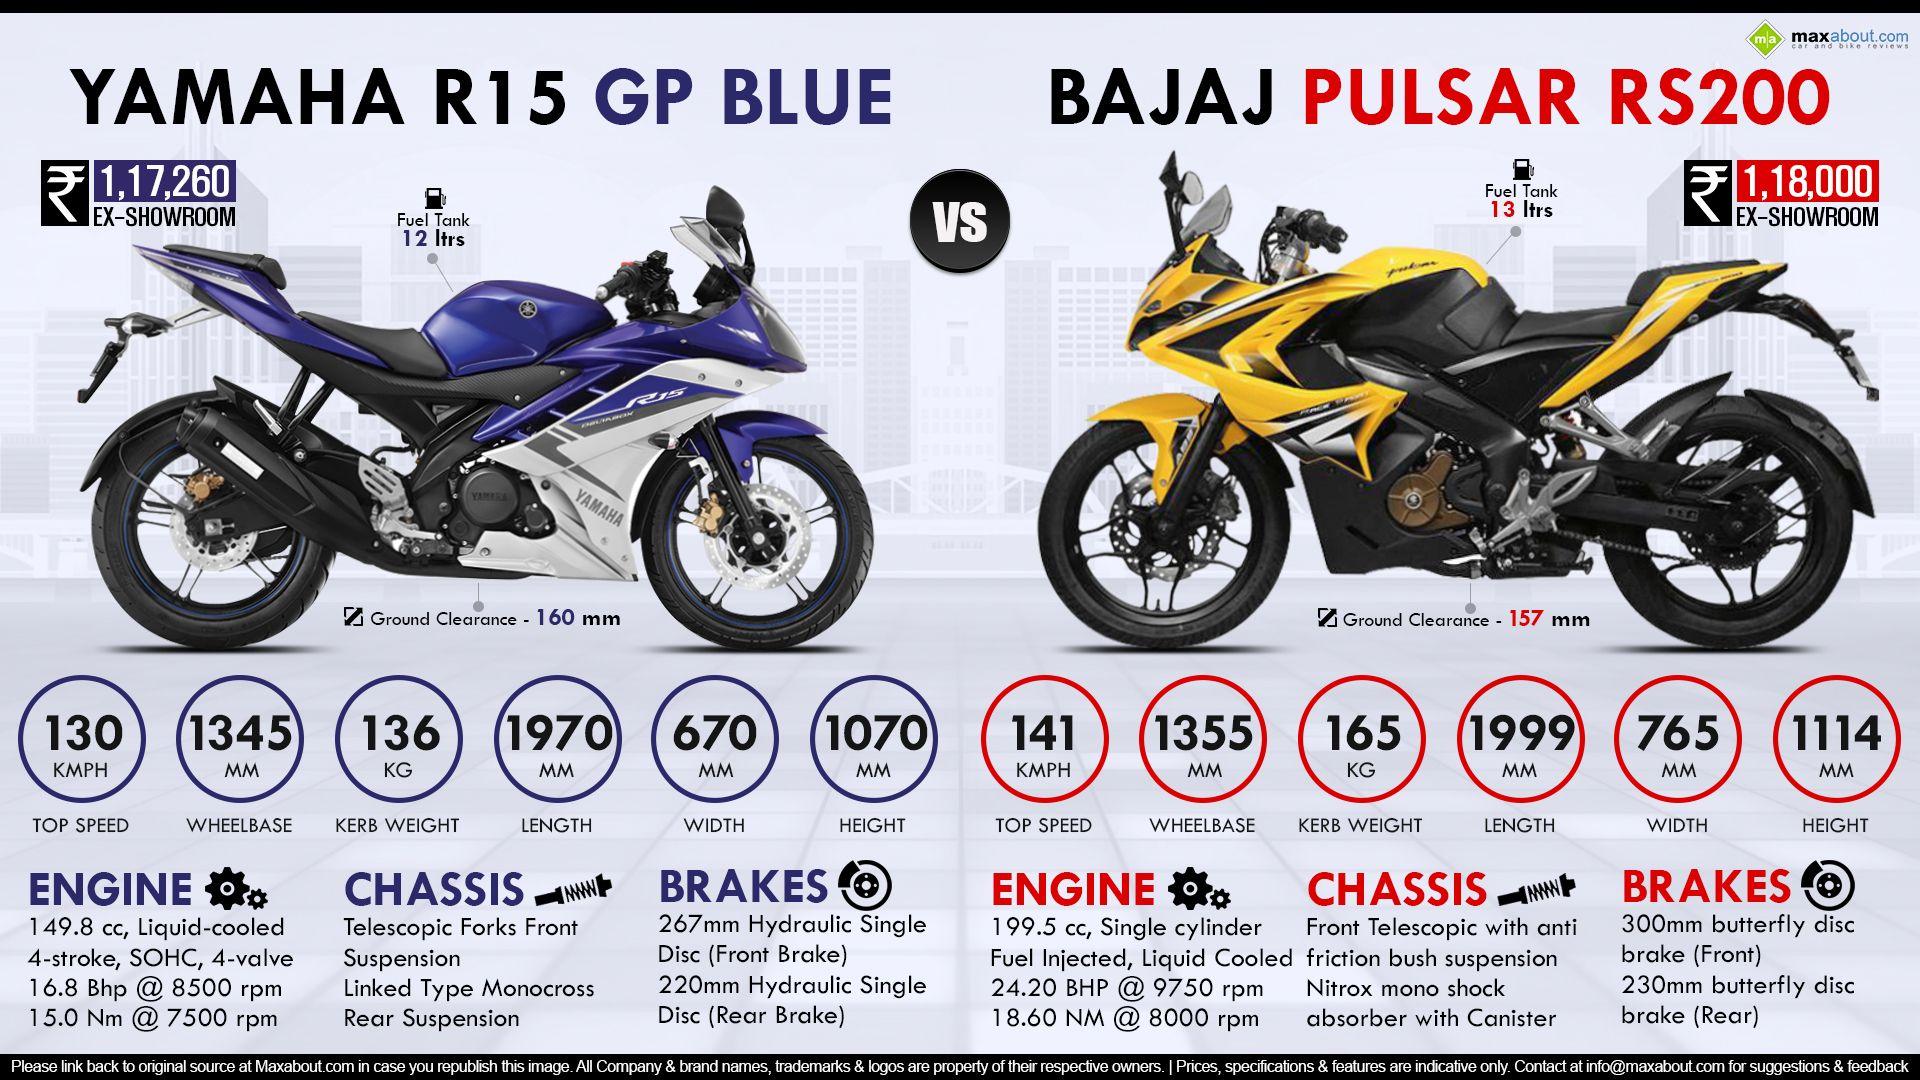 Bajaj Pulsar Rs200 Vs Yamaha Yzf R15 Gp Blue Edition Pulsar